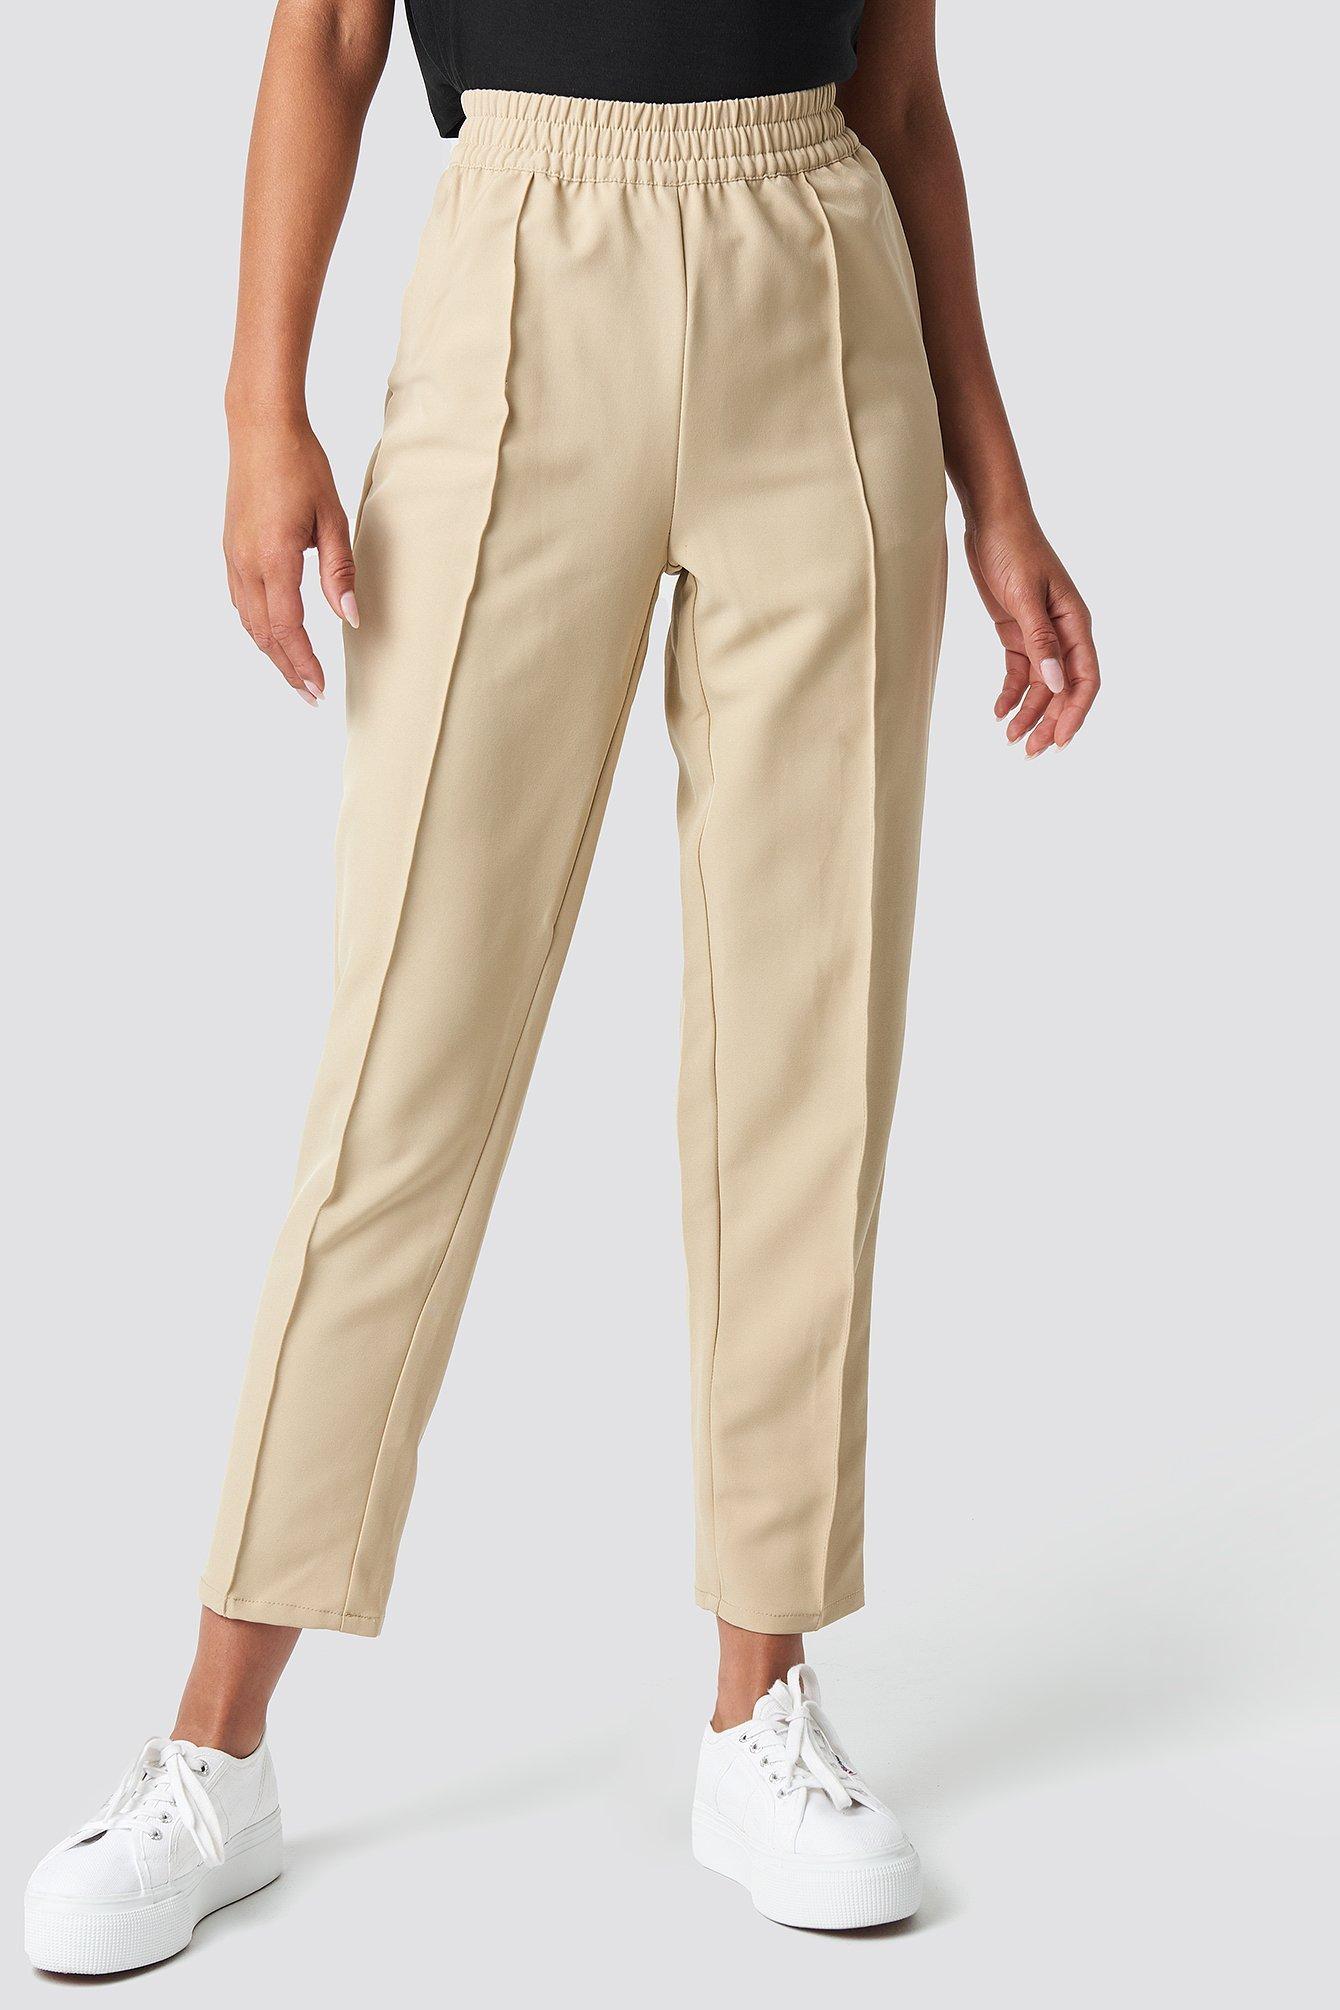 nakd_elastic_waist_seamline_pants_1018-001557-0005_02h